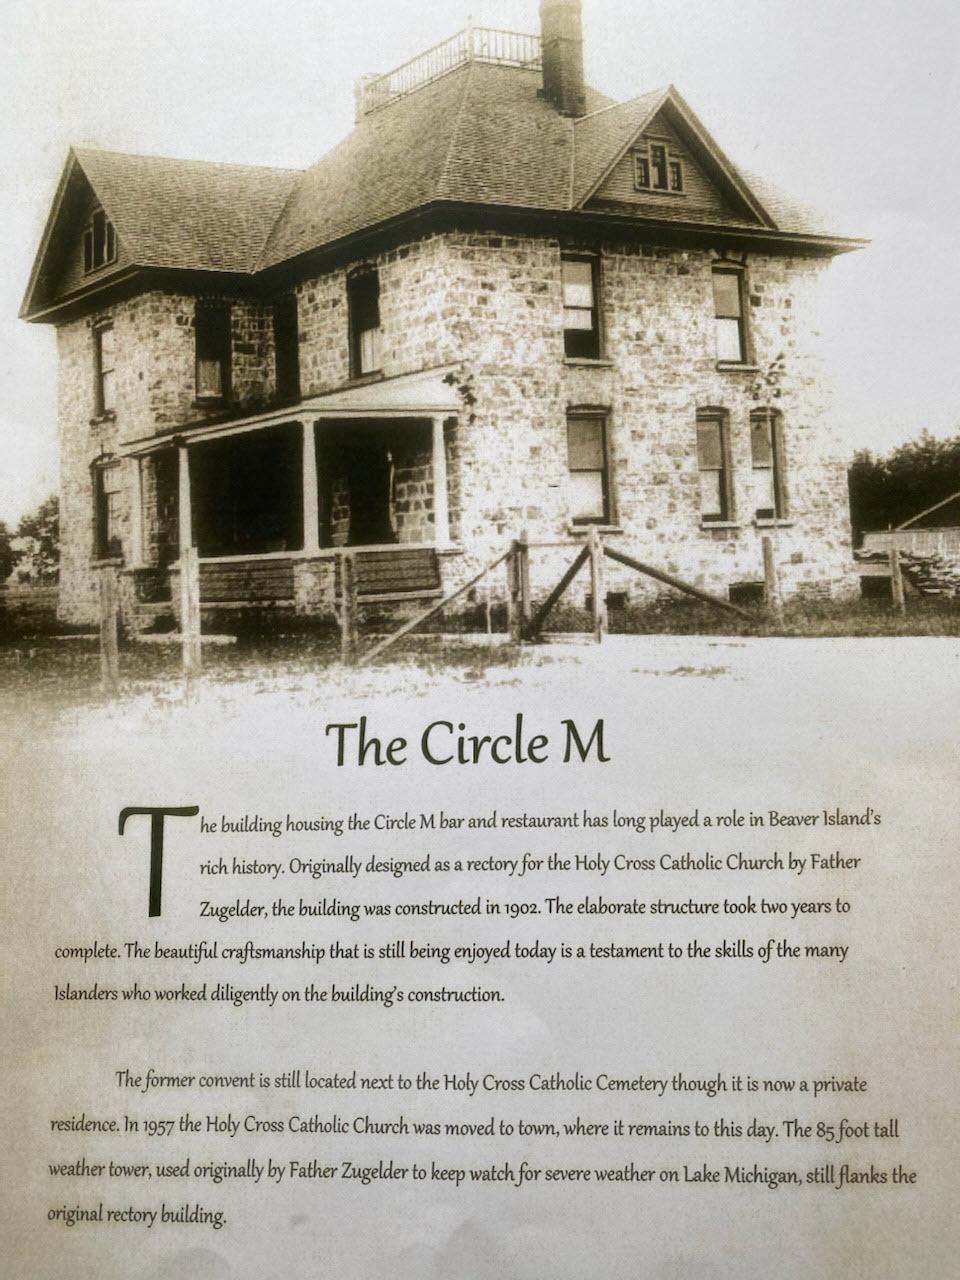 Circle M History